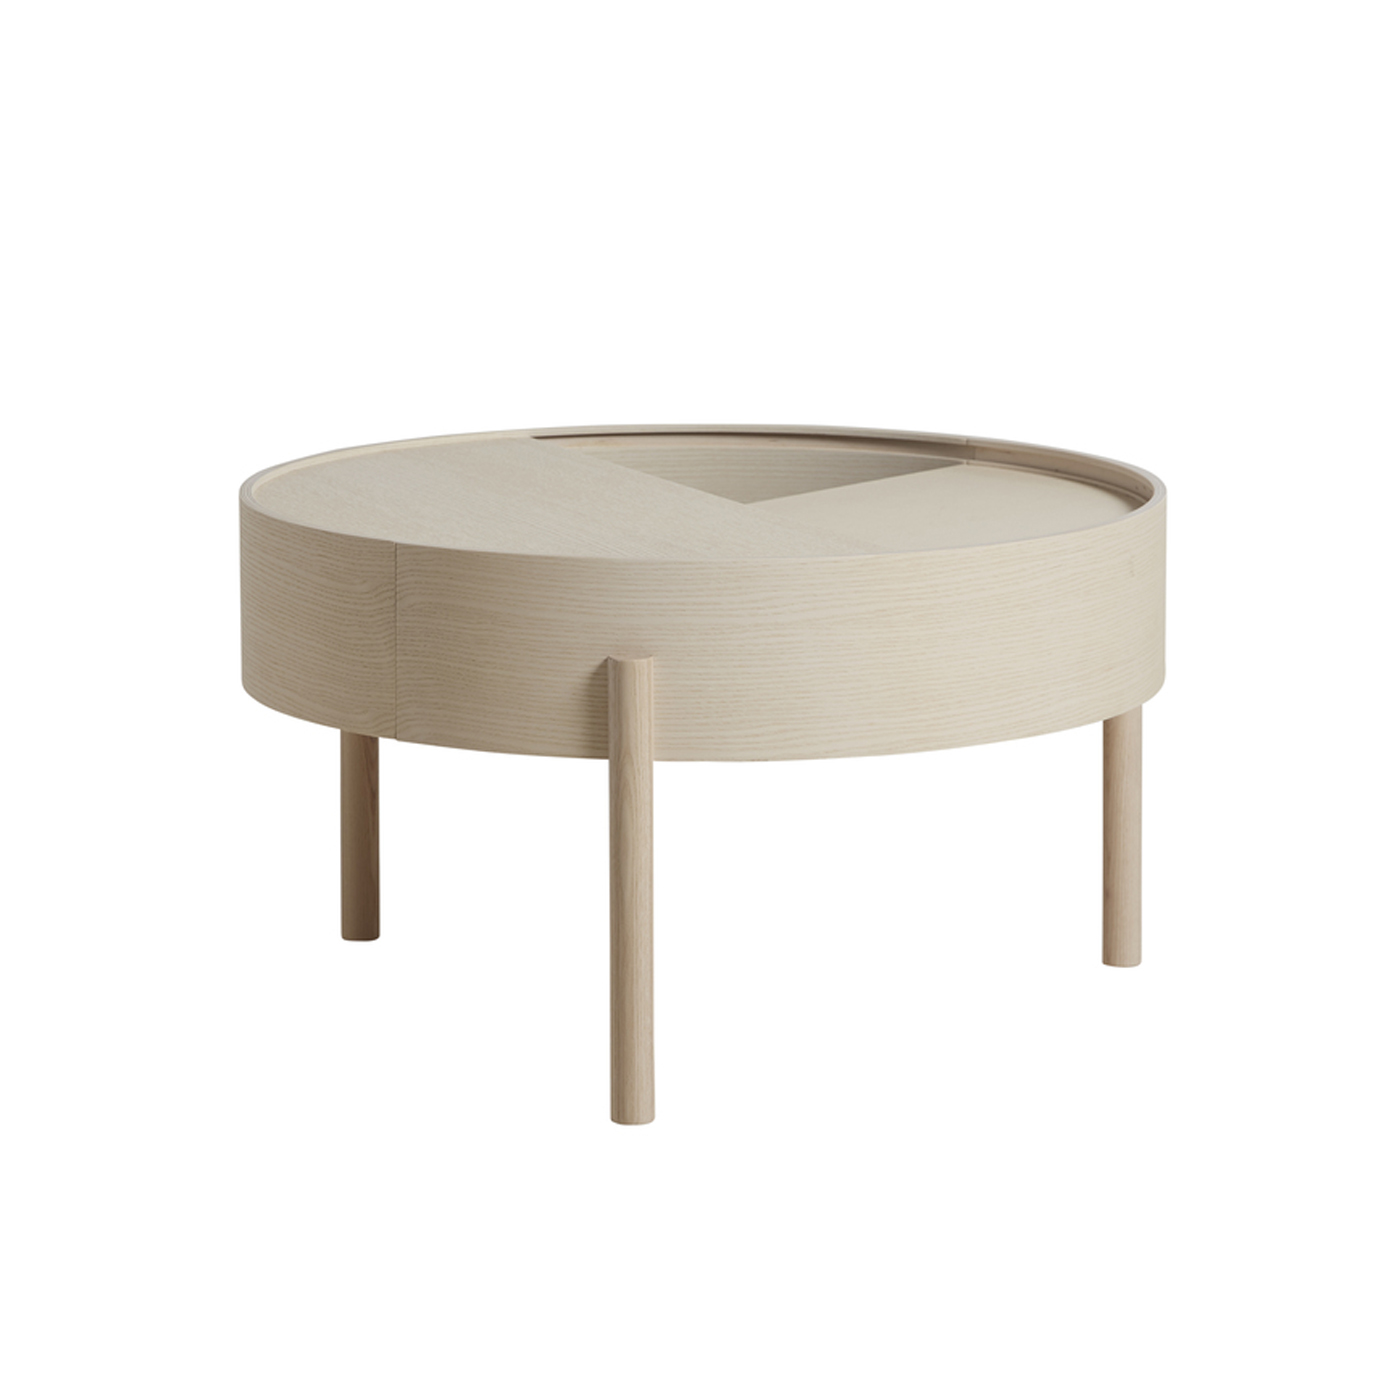 WOUD Arc sofabord - natur asketræ, m. opbevaring, rund (Ø66)